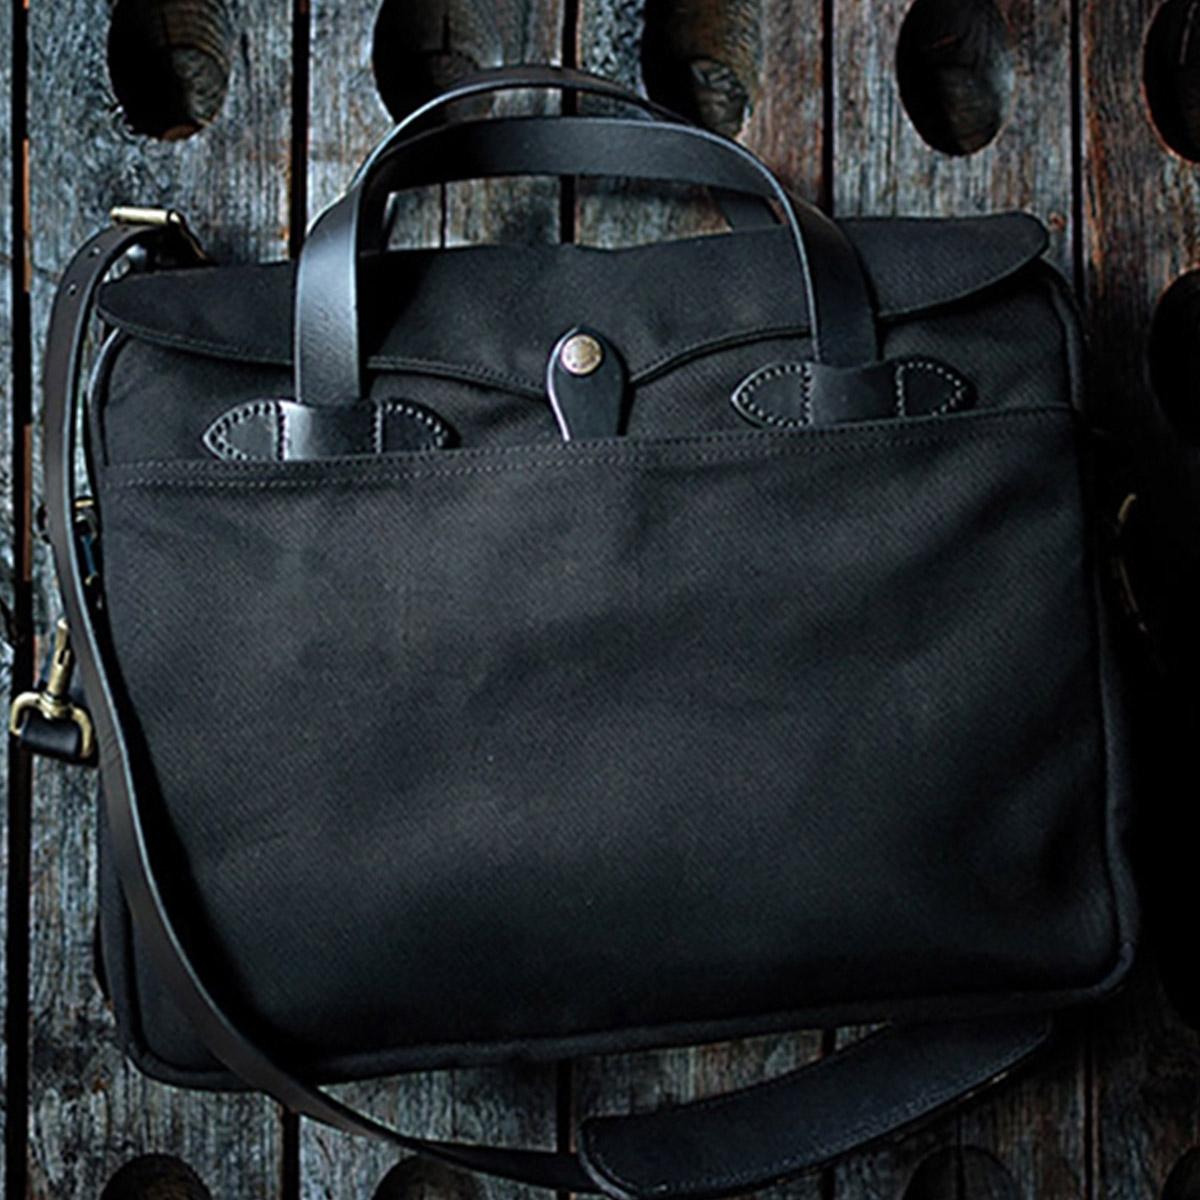 Filson Original Briefcase 11070256 Black extraordinary bag for an ordinary day